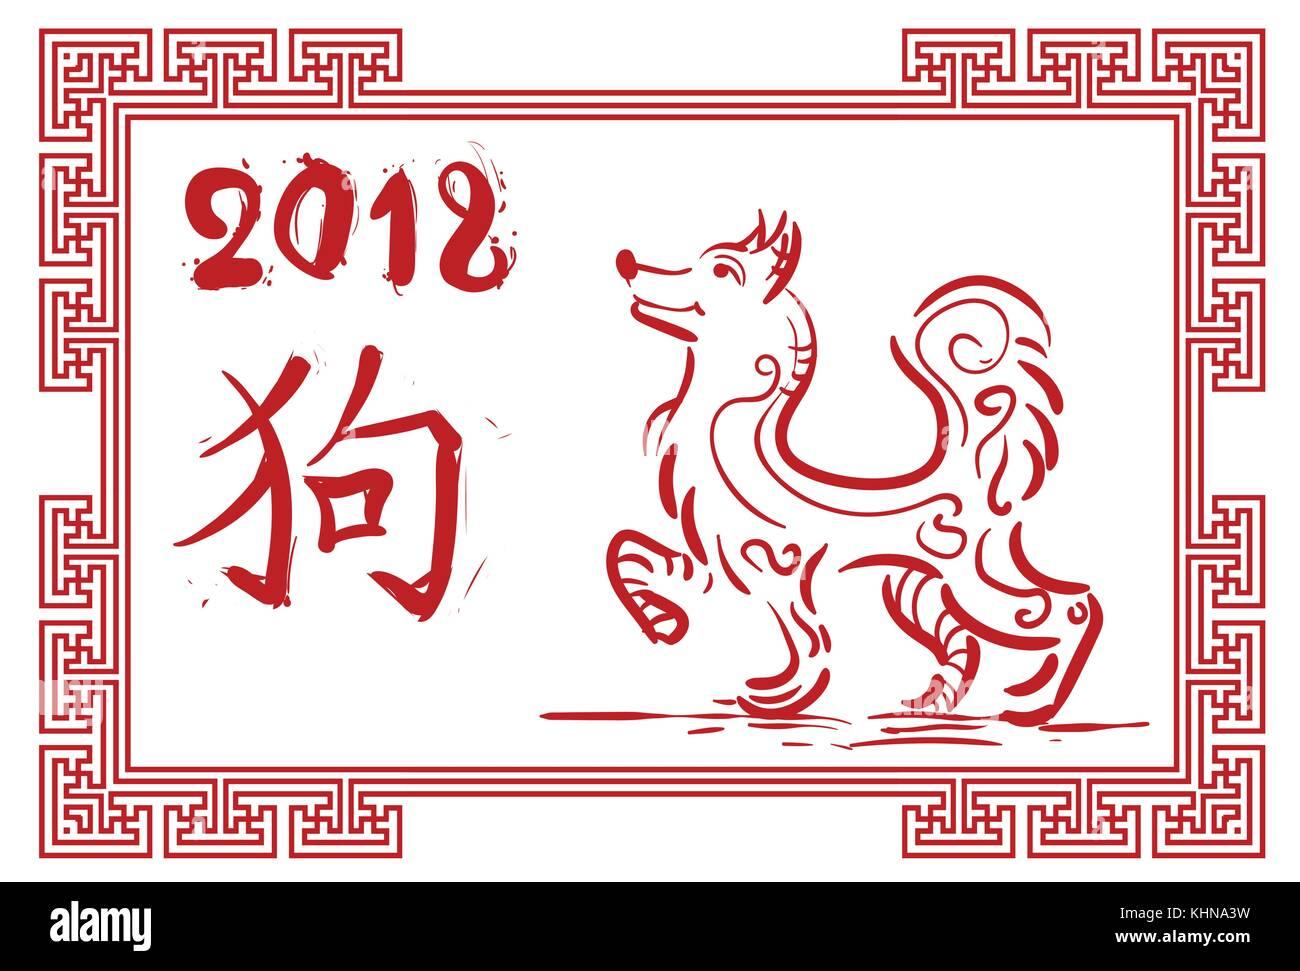 Chinesisches Neujahr 2018 Symbol in der traditionellen roten Rahmen ...